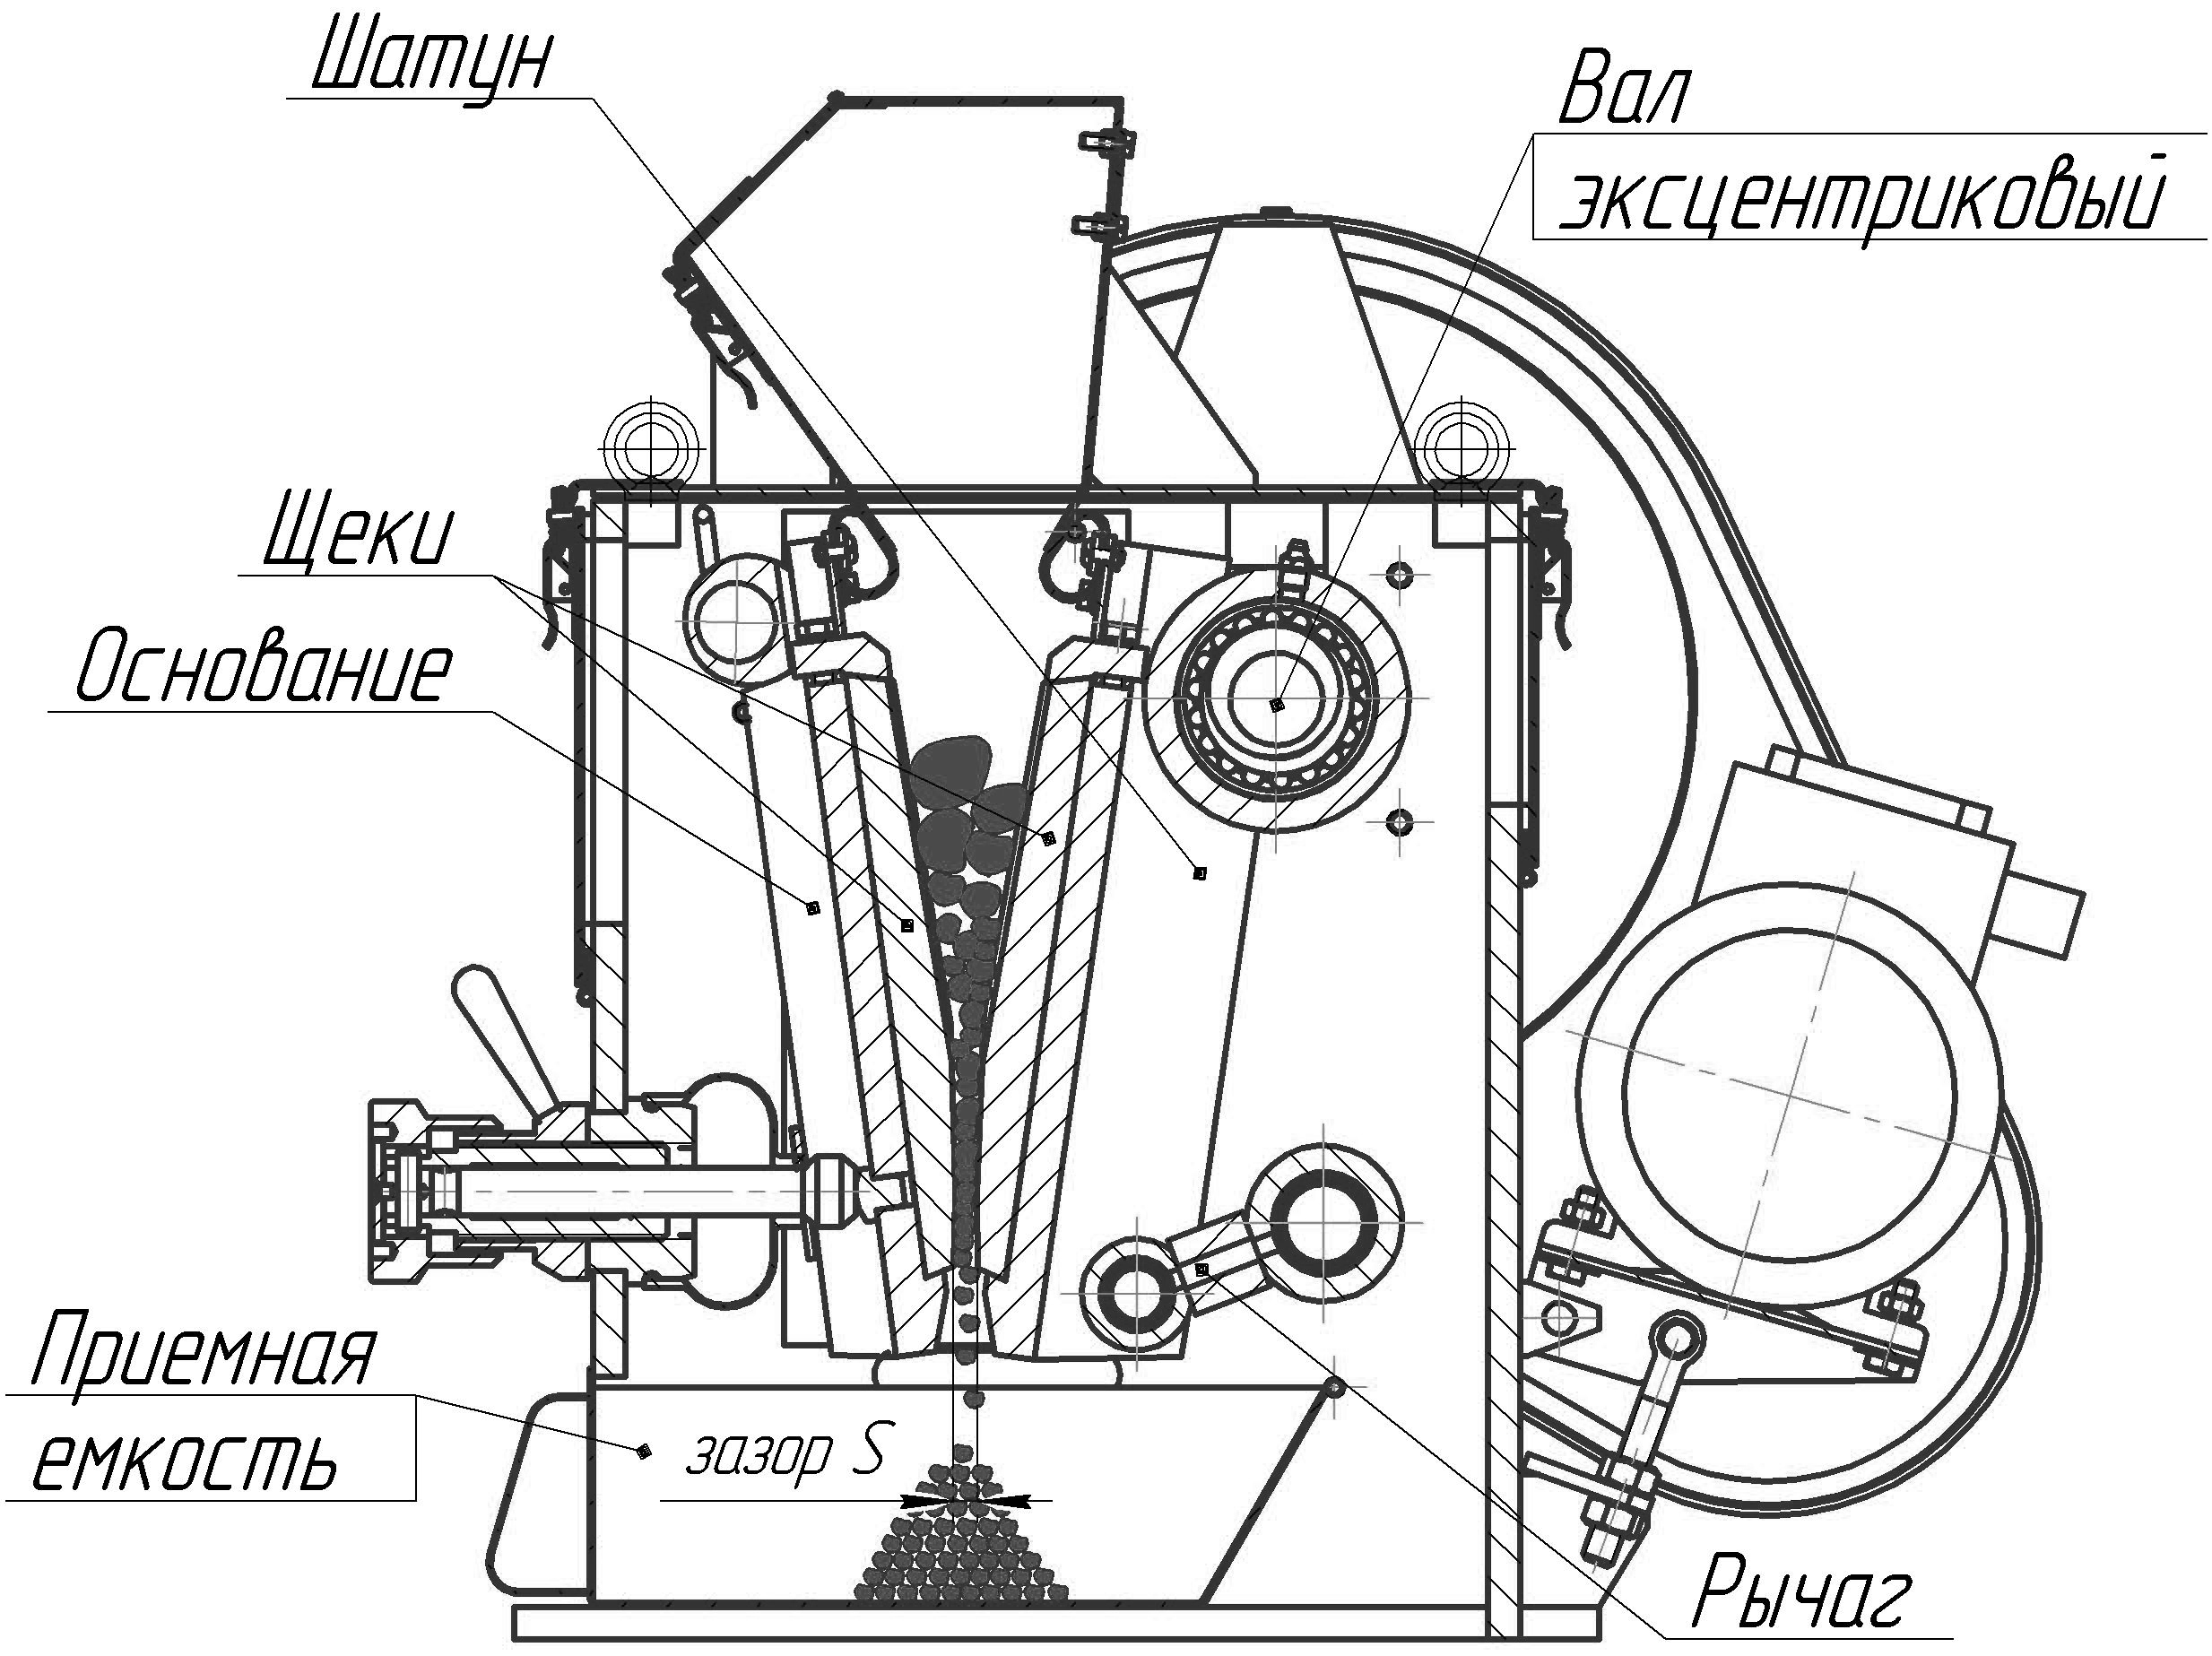 Схема ЩД 6М